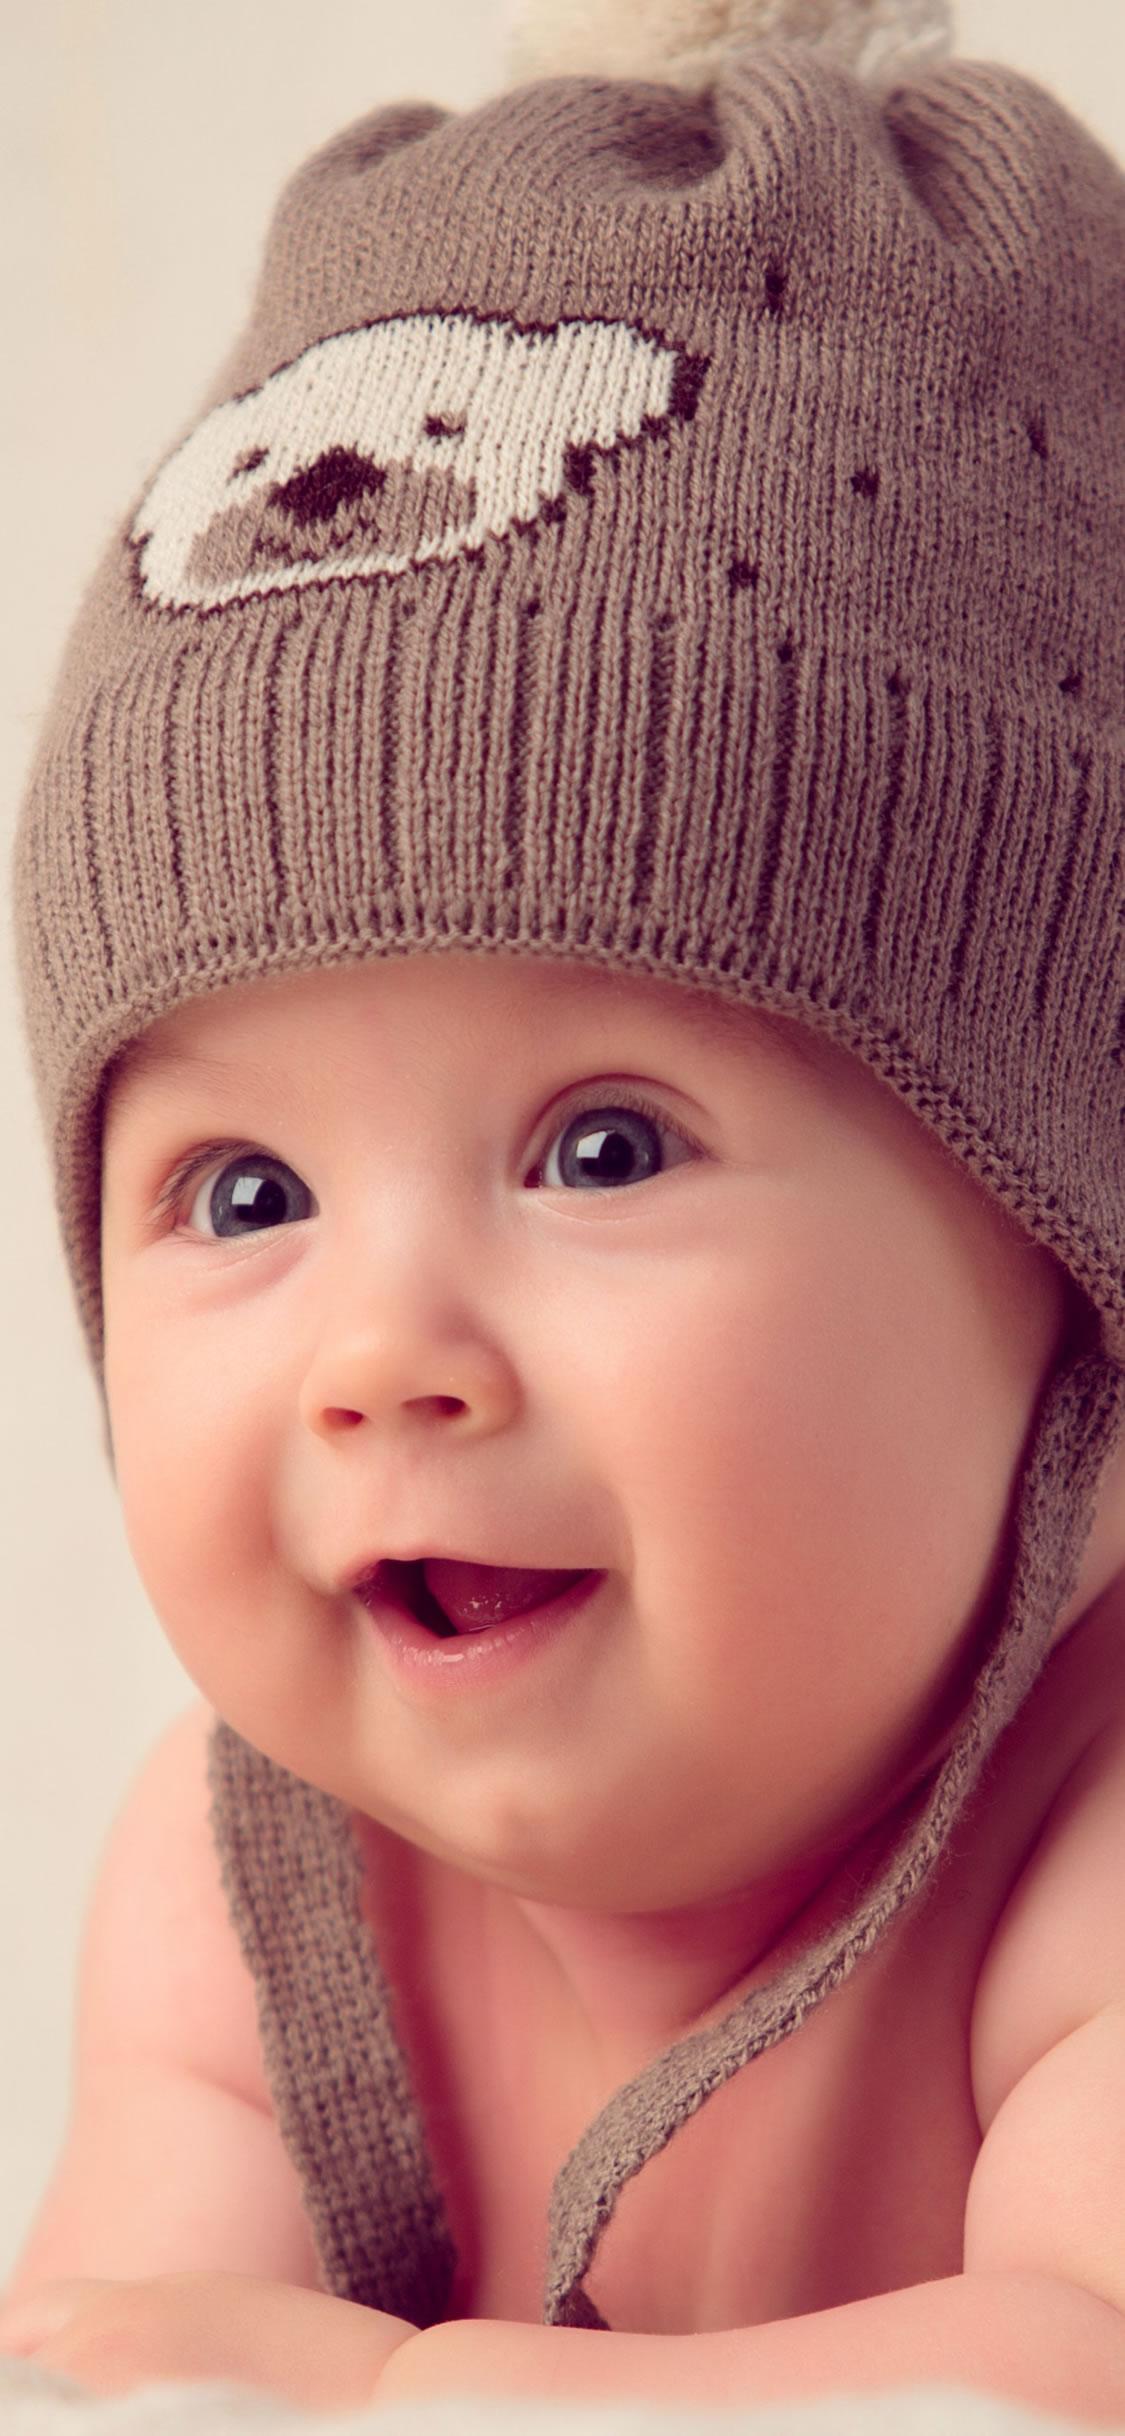 かわいい赤ちゃんハットマフラーキャップiphonex壁紙 Iphoneチーズ